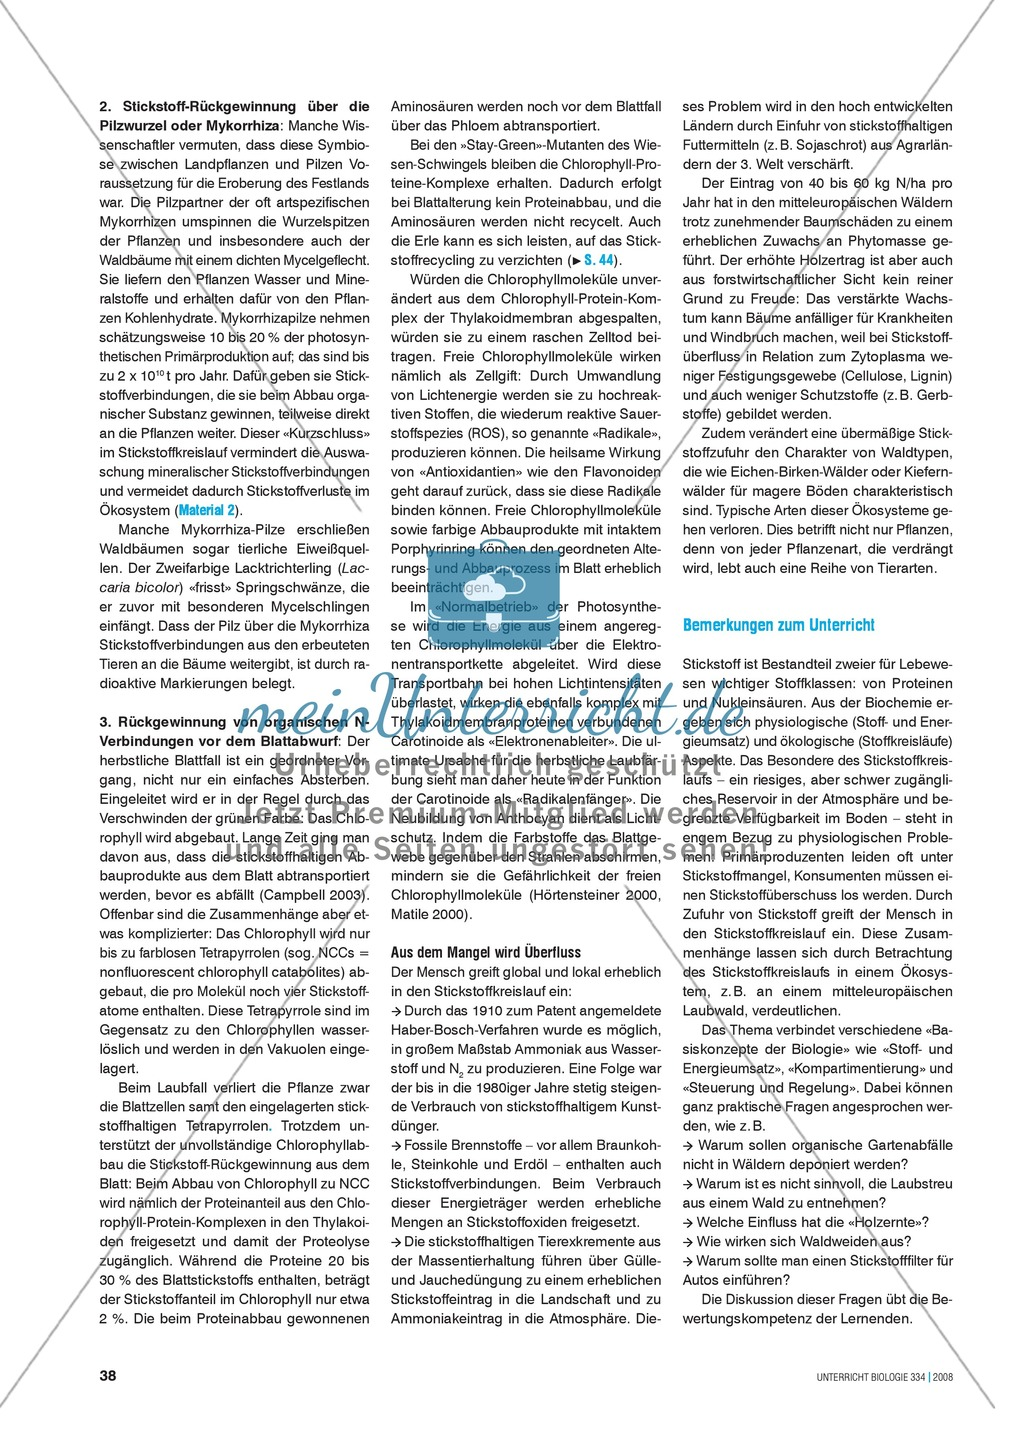 Der Stickstoff im Ökosystem Wald - Info-Text und Aufgaben Preview 2